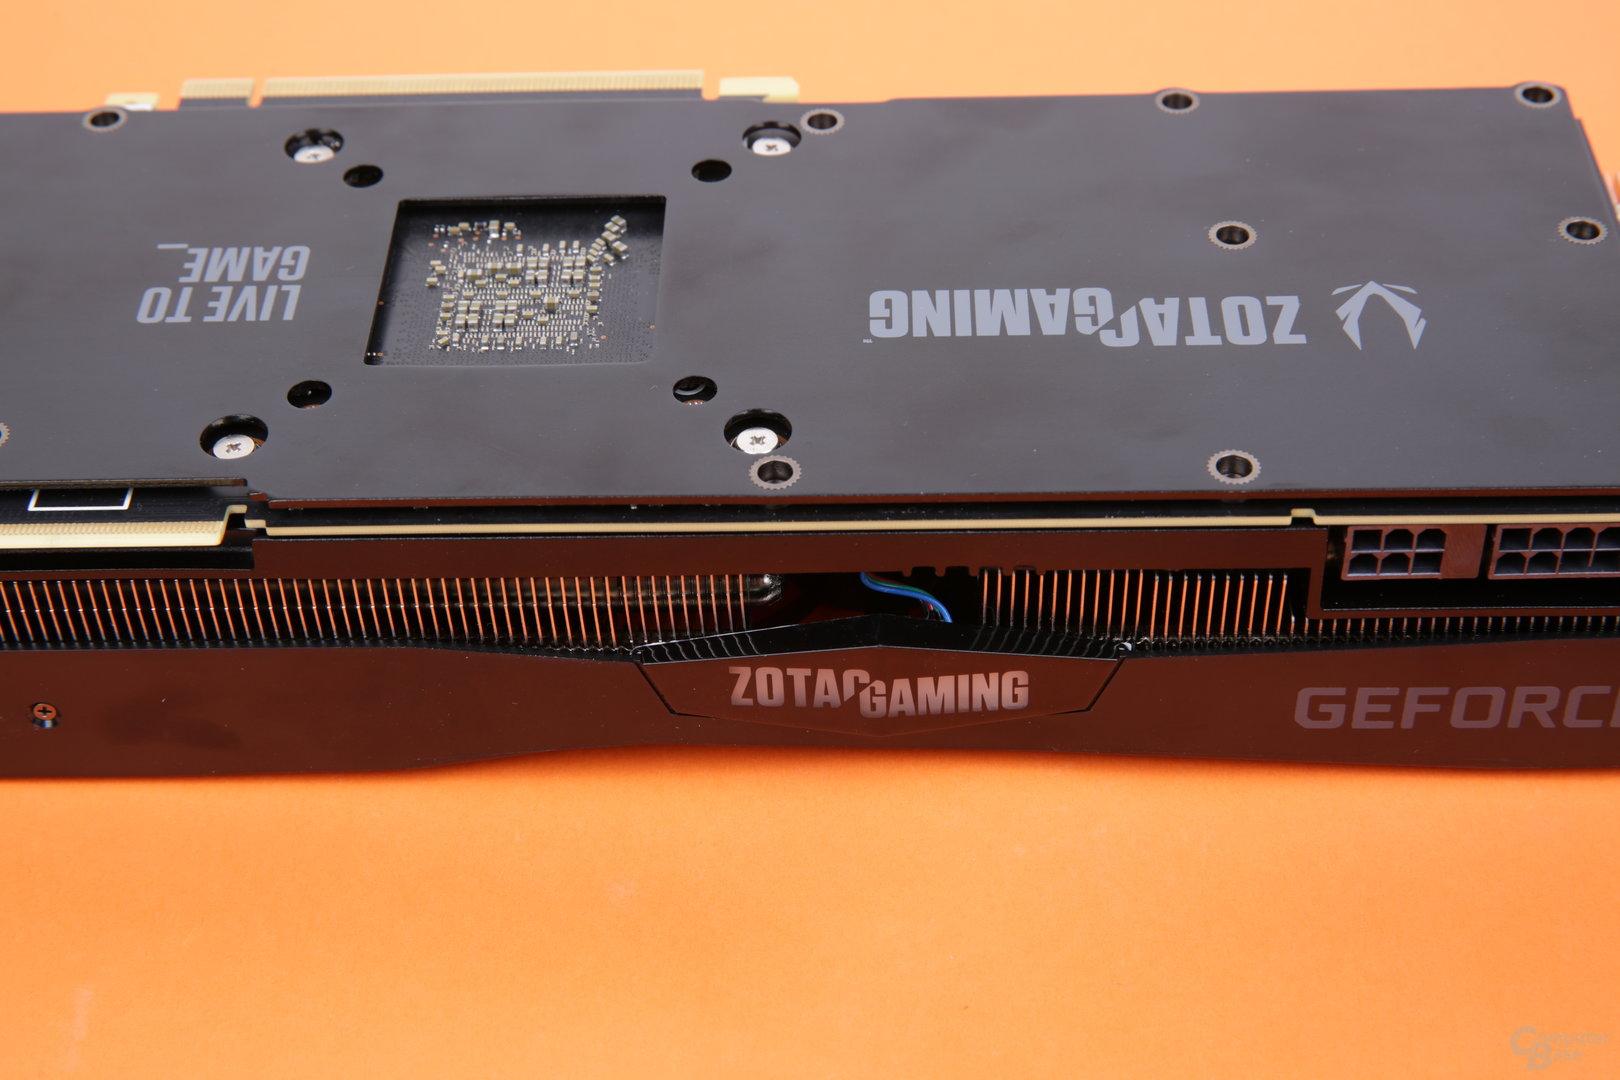 Zotac GeForce RTX 2080 AMP!